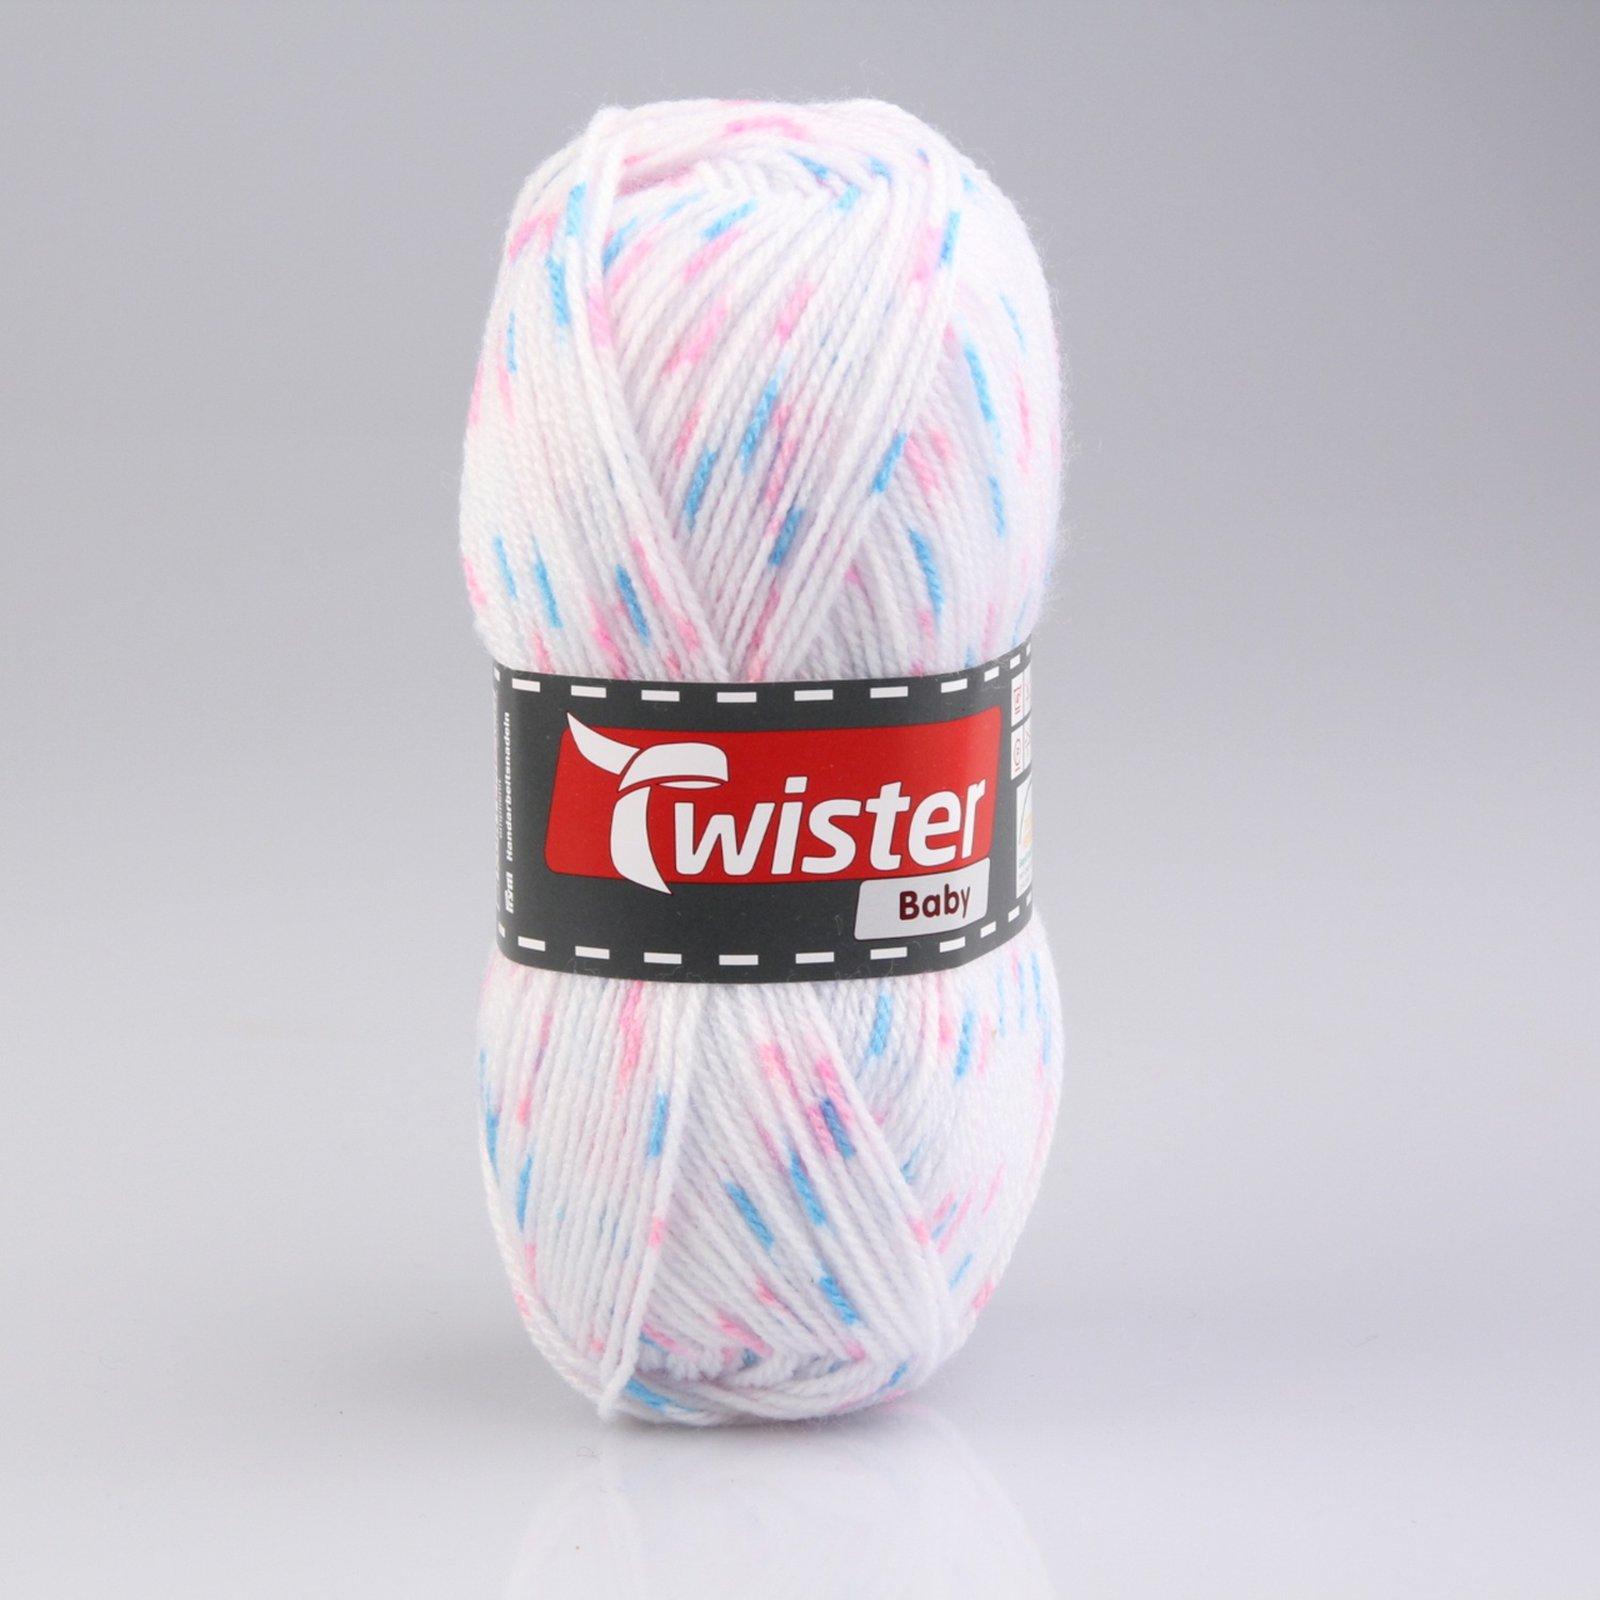 Wolle TWISTER BABY - weiß gefleckt - 50g